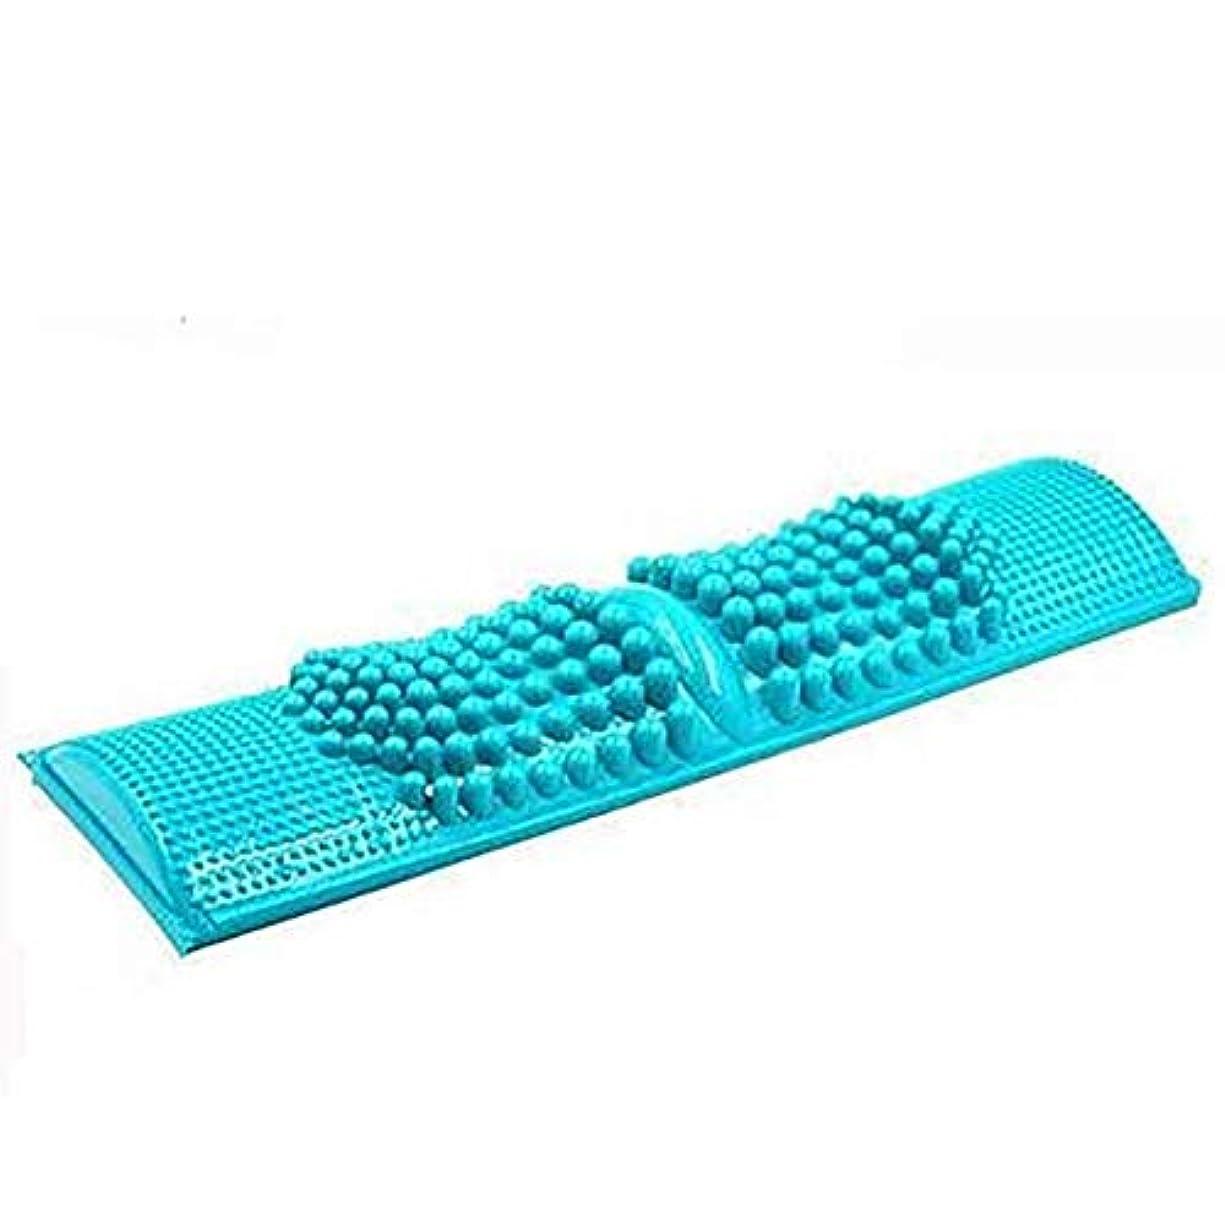 編集者機械的にサイレン簡単に健康維持 大サイズ 足つぼマッサージ 足 踏み 足裏 刺激 血行促進 ブルー